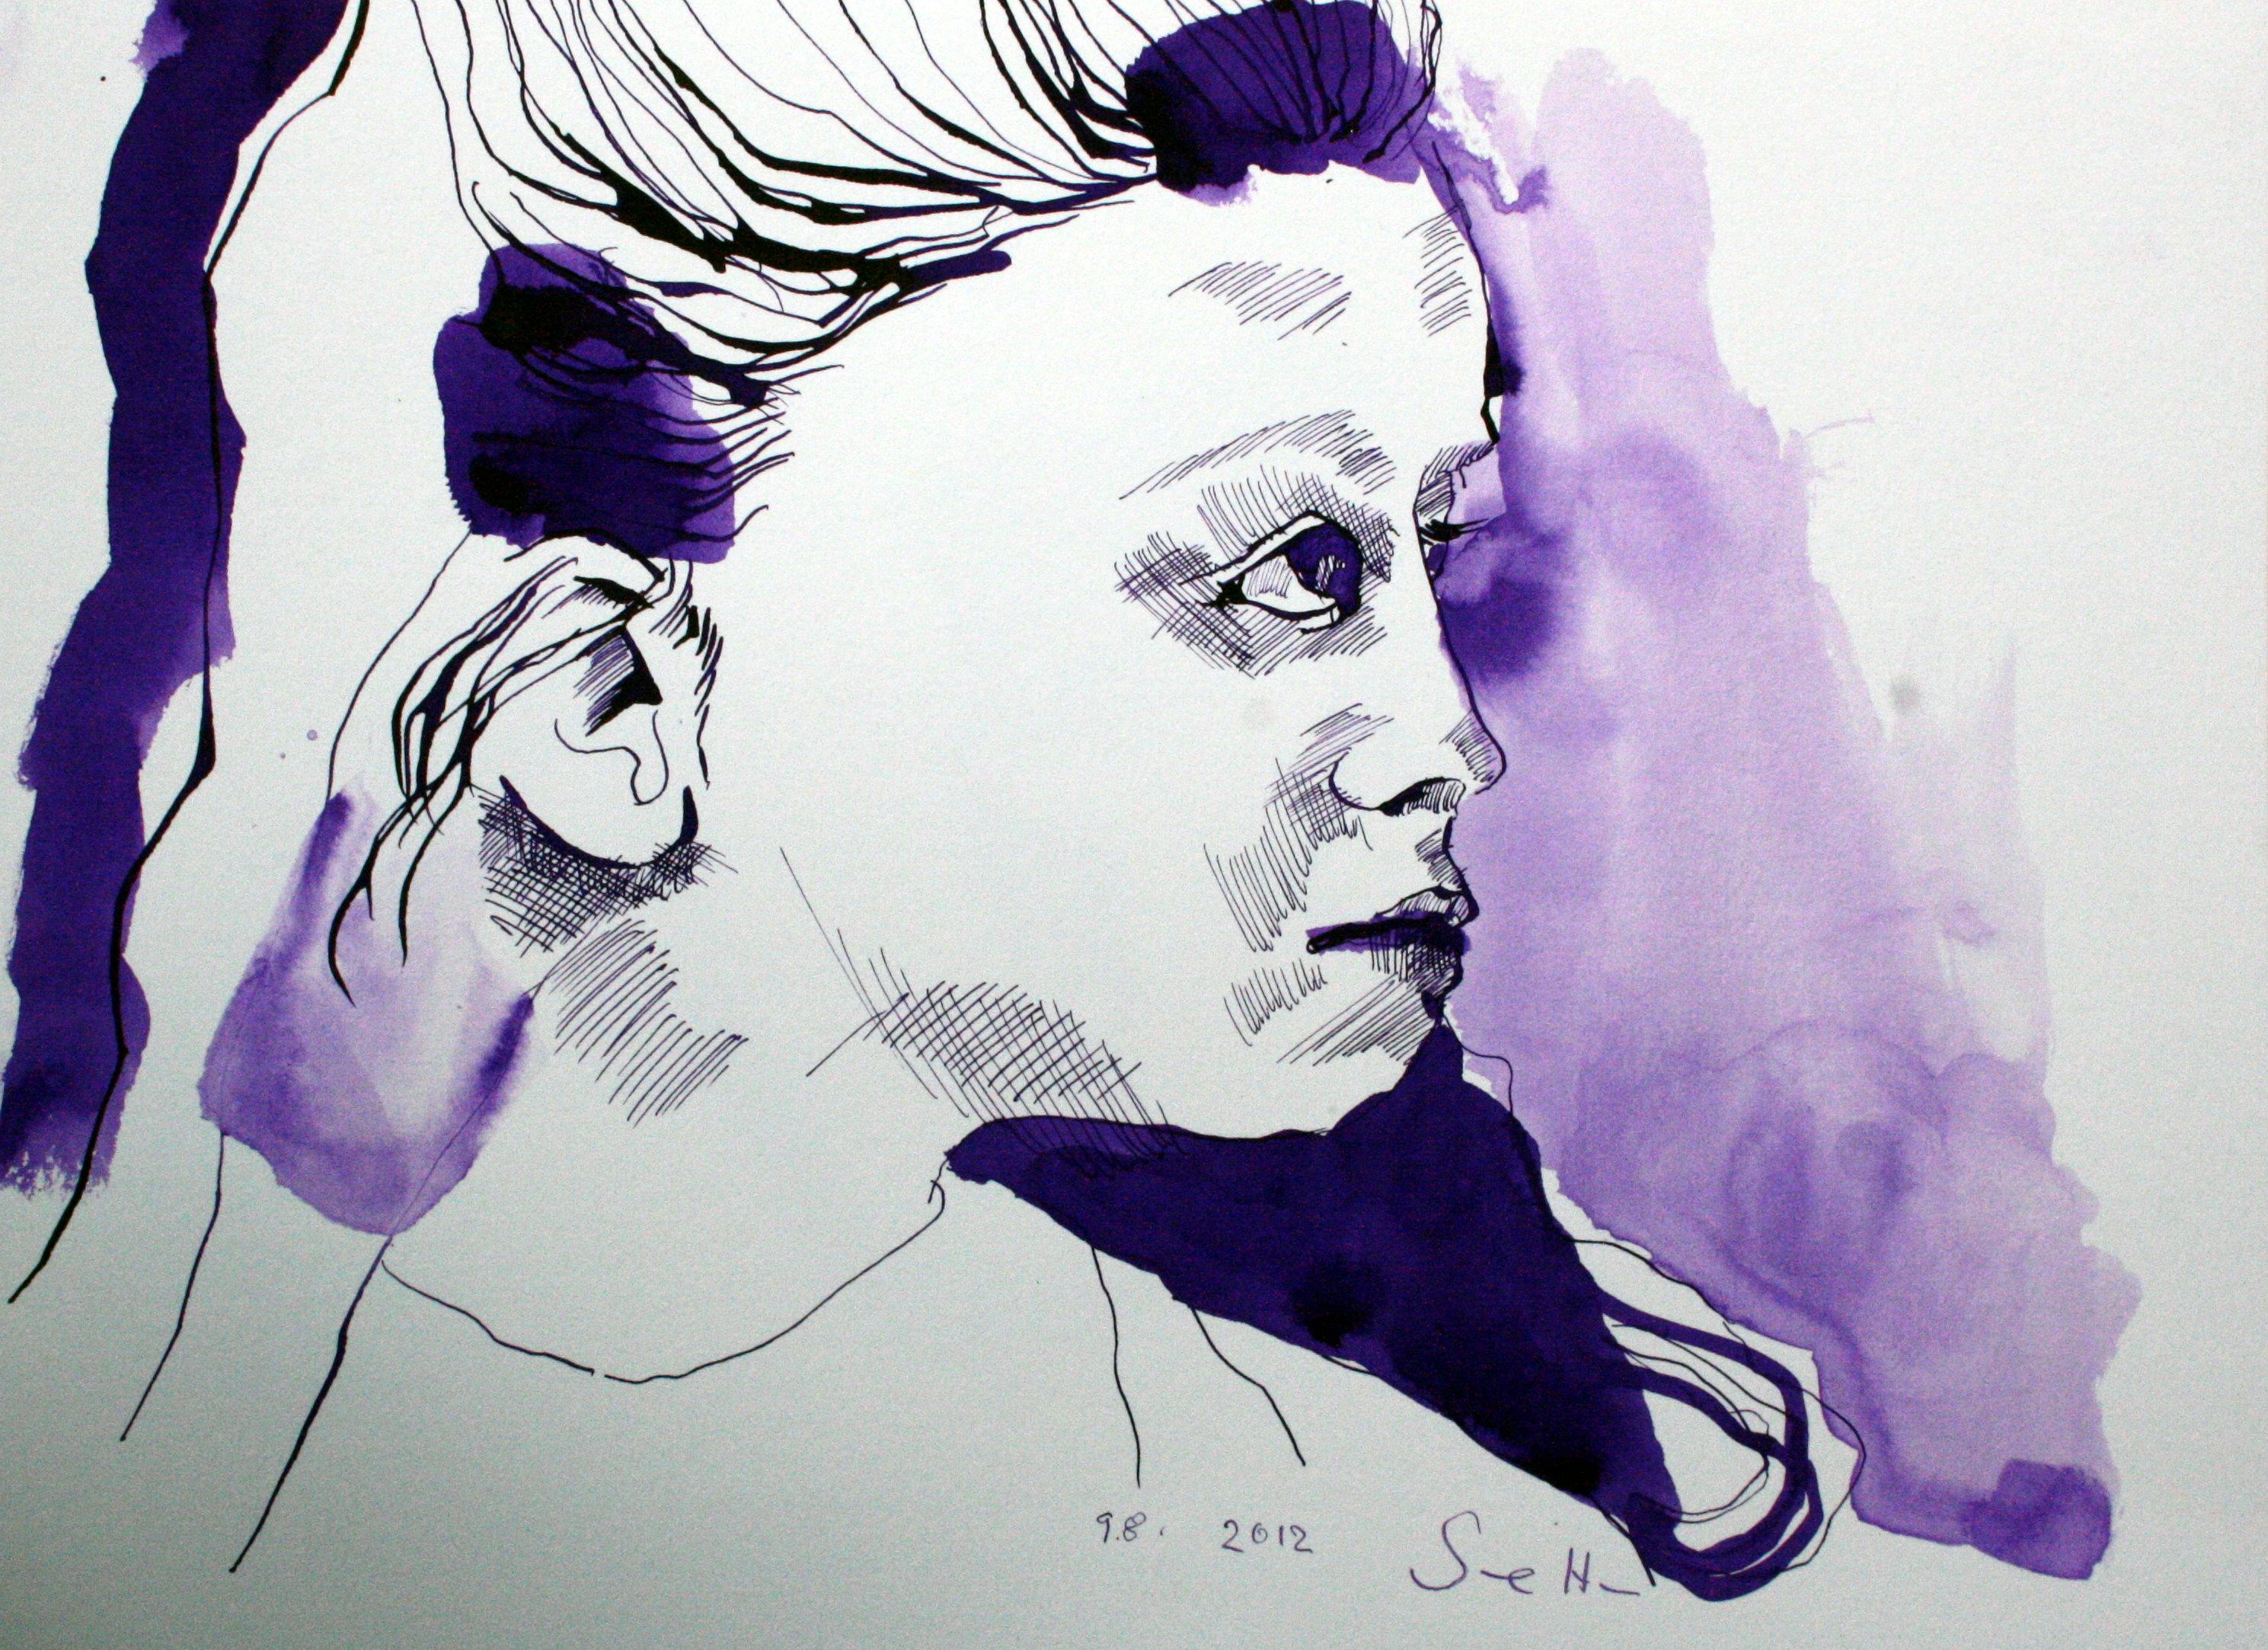 Mein Sinnbild von Mercedes 24 x 32 cm Tusche auf Bütten (c) Foto von Susanne Haun